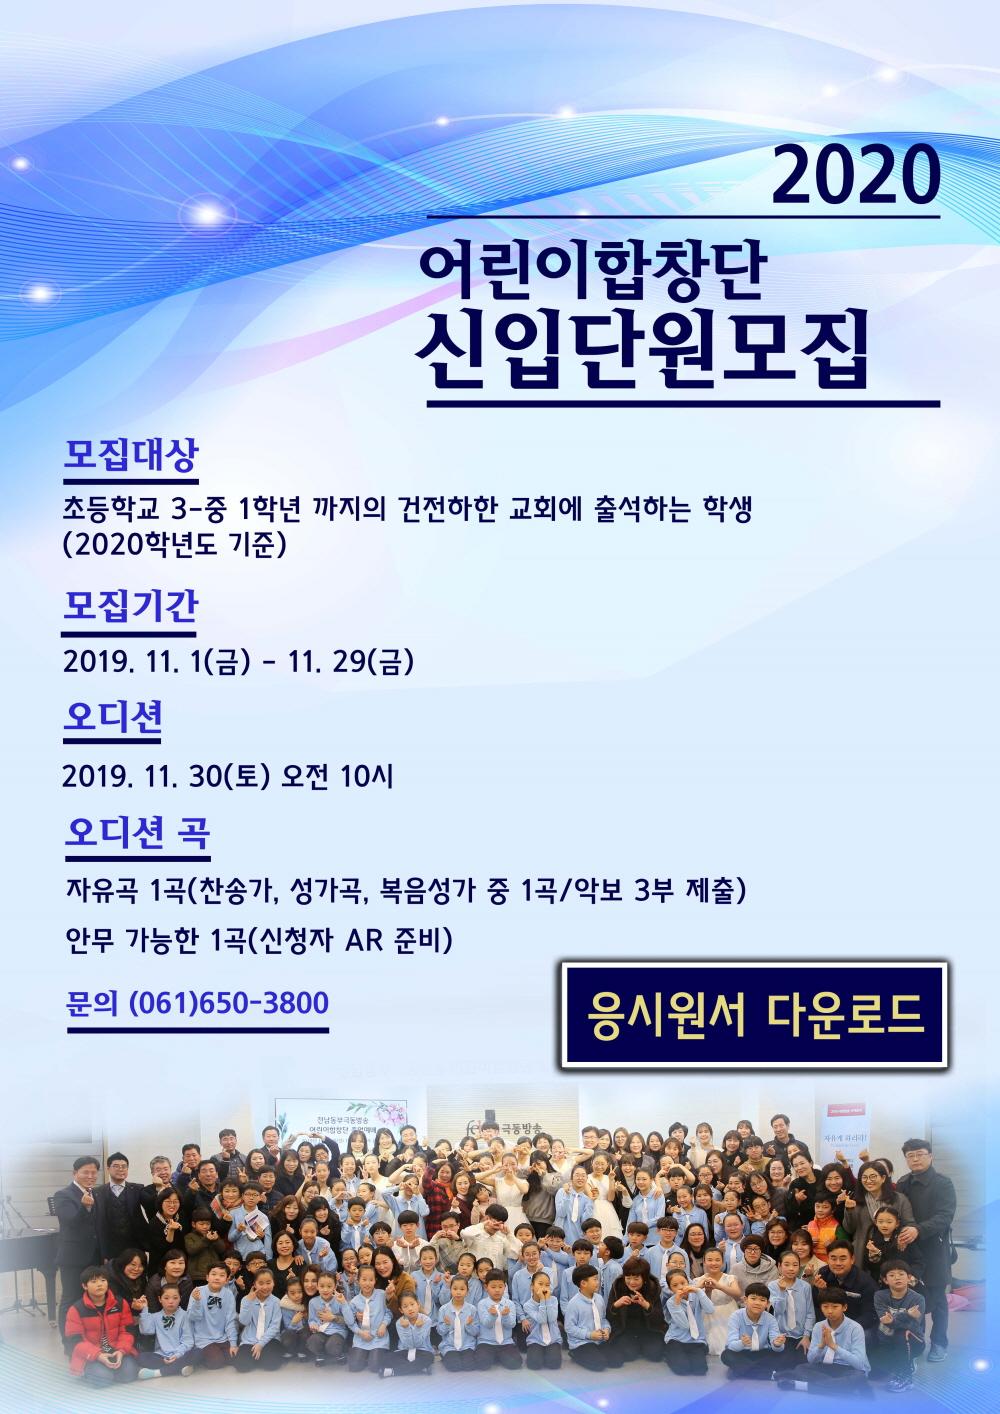 크기변환_어린이합창단 팝업.jpg